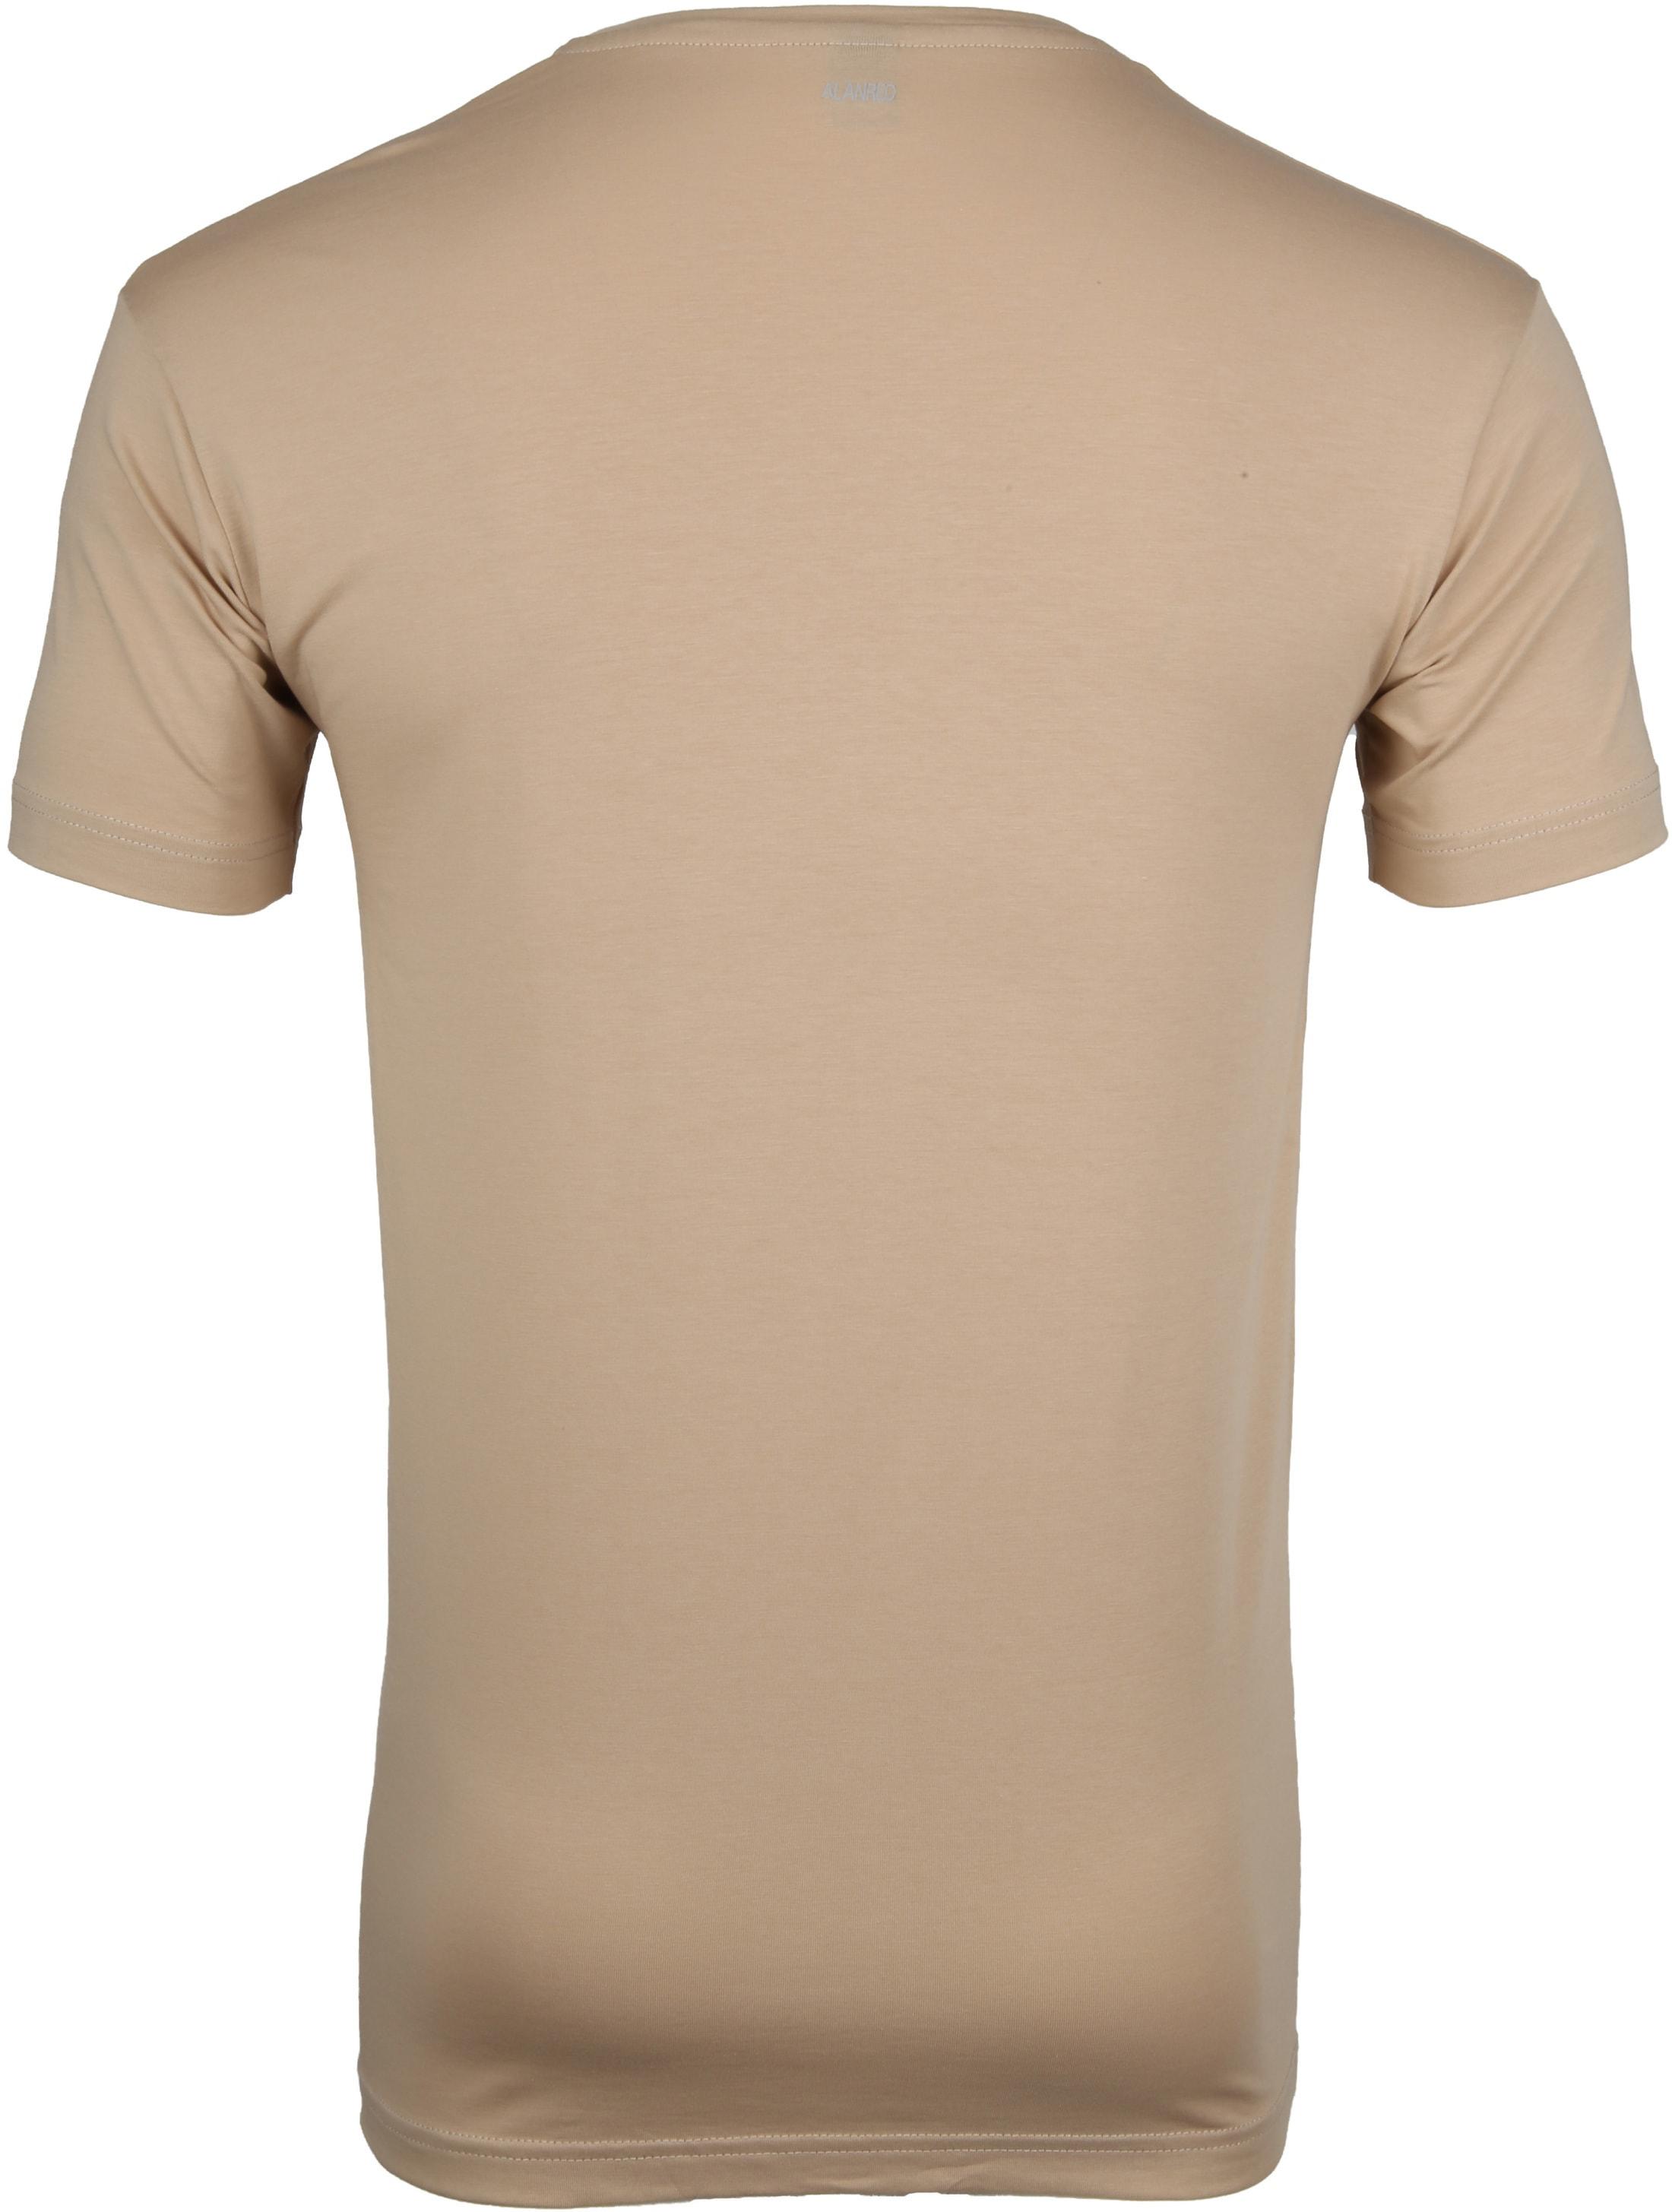 Alan Red T-Shirt V-Neck Stretch Beige 2-Pack